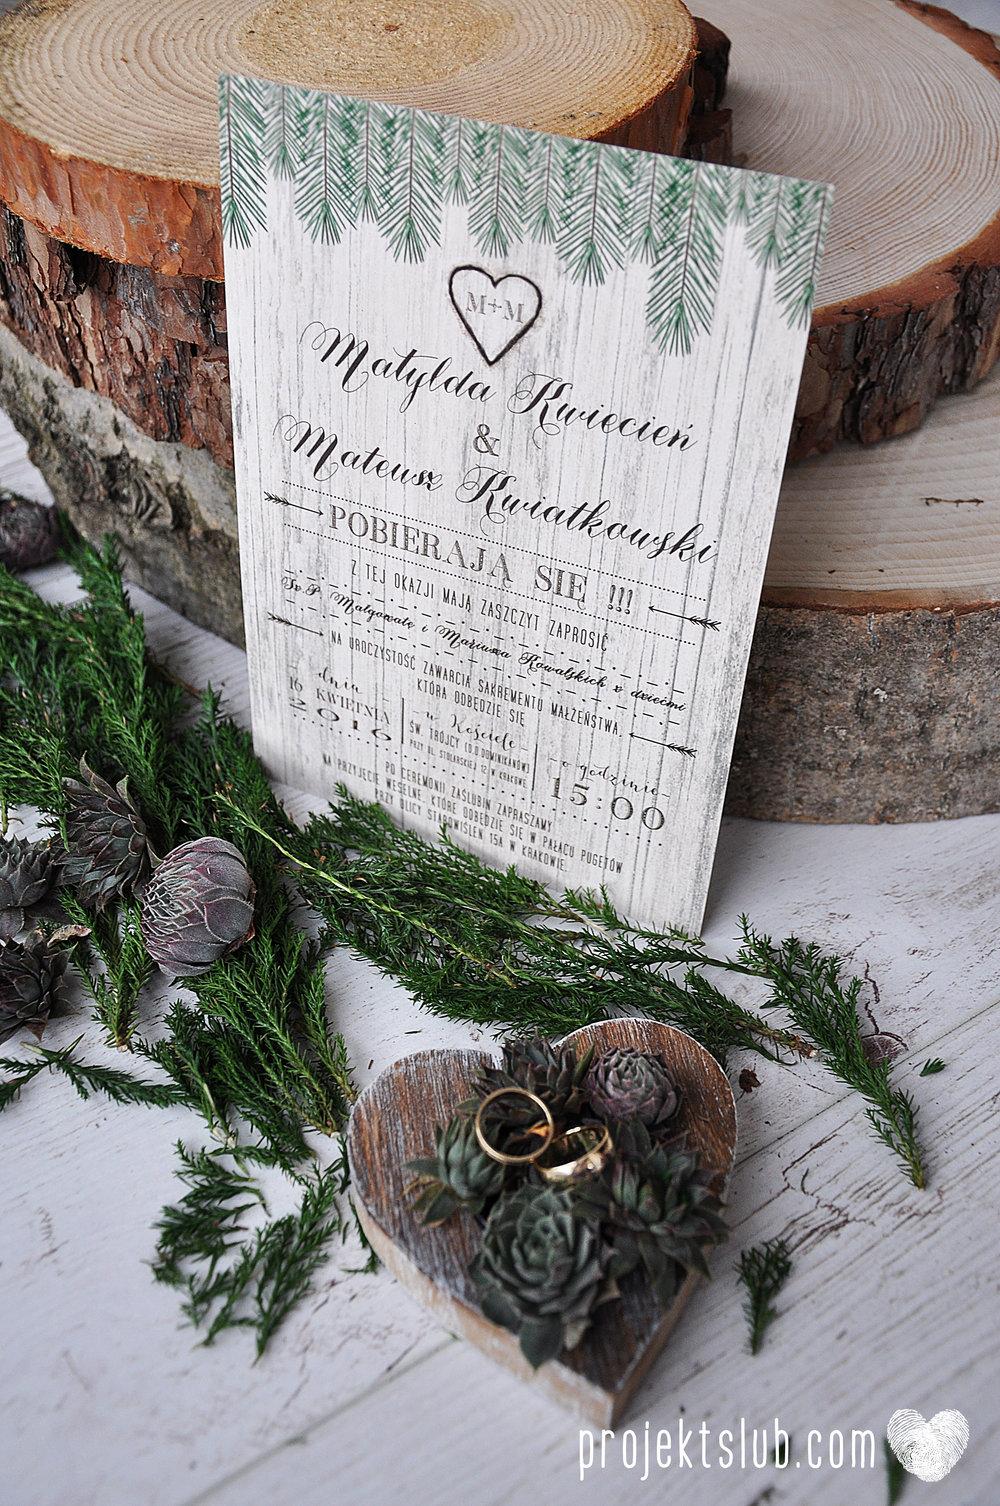 Zaproszenia ślubne Woodlove z motywem drewna iglaków świerku lasku rustykalne leśne eko Projekt Ślub (7).JPG